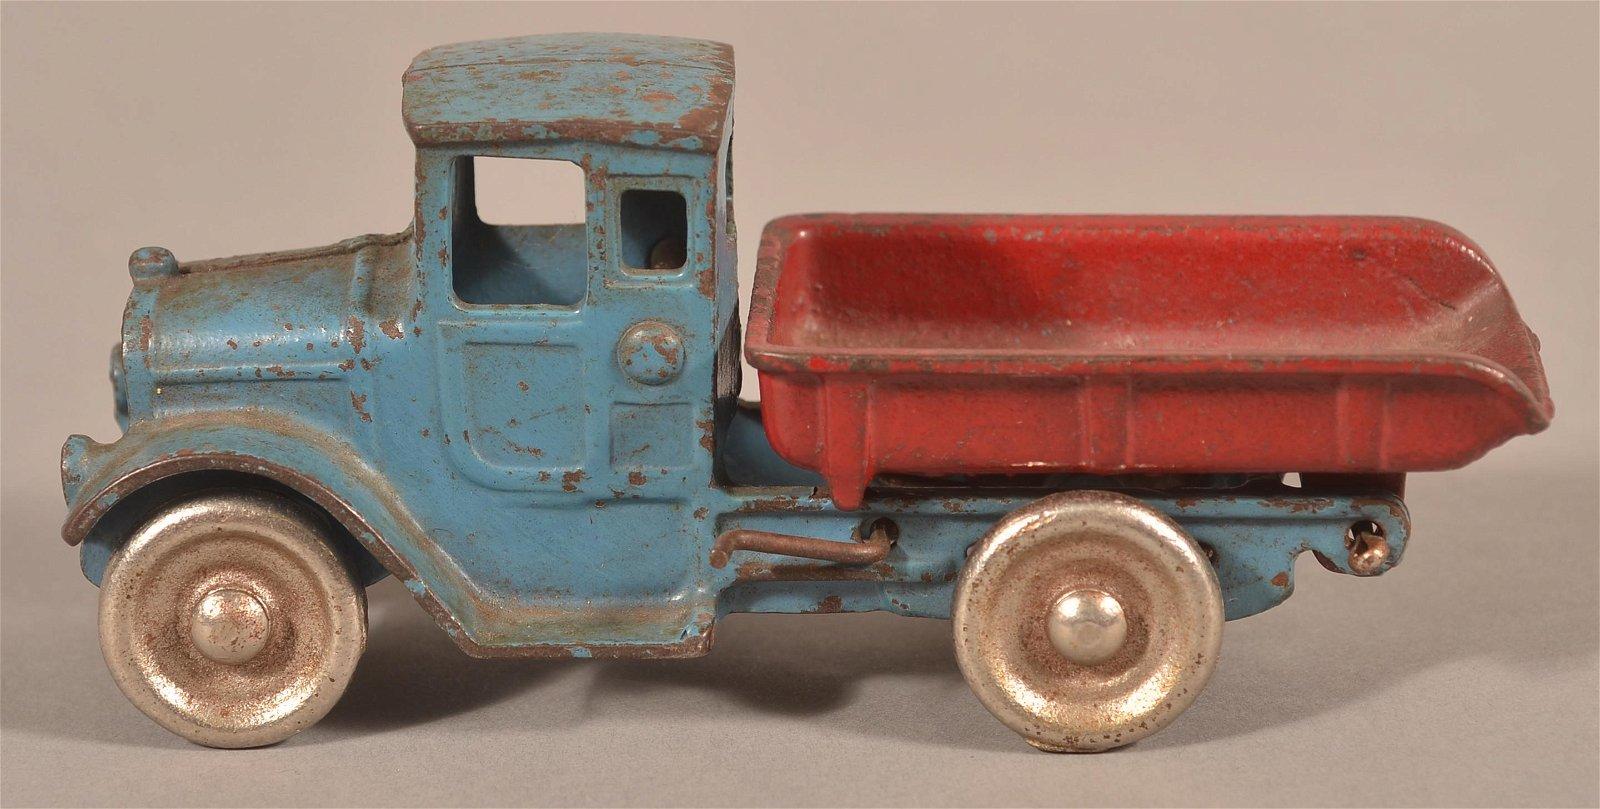 Kilgore Cast Iron Dump Truck.